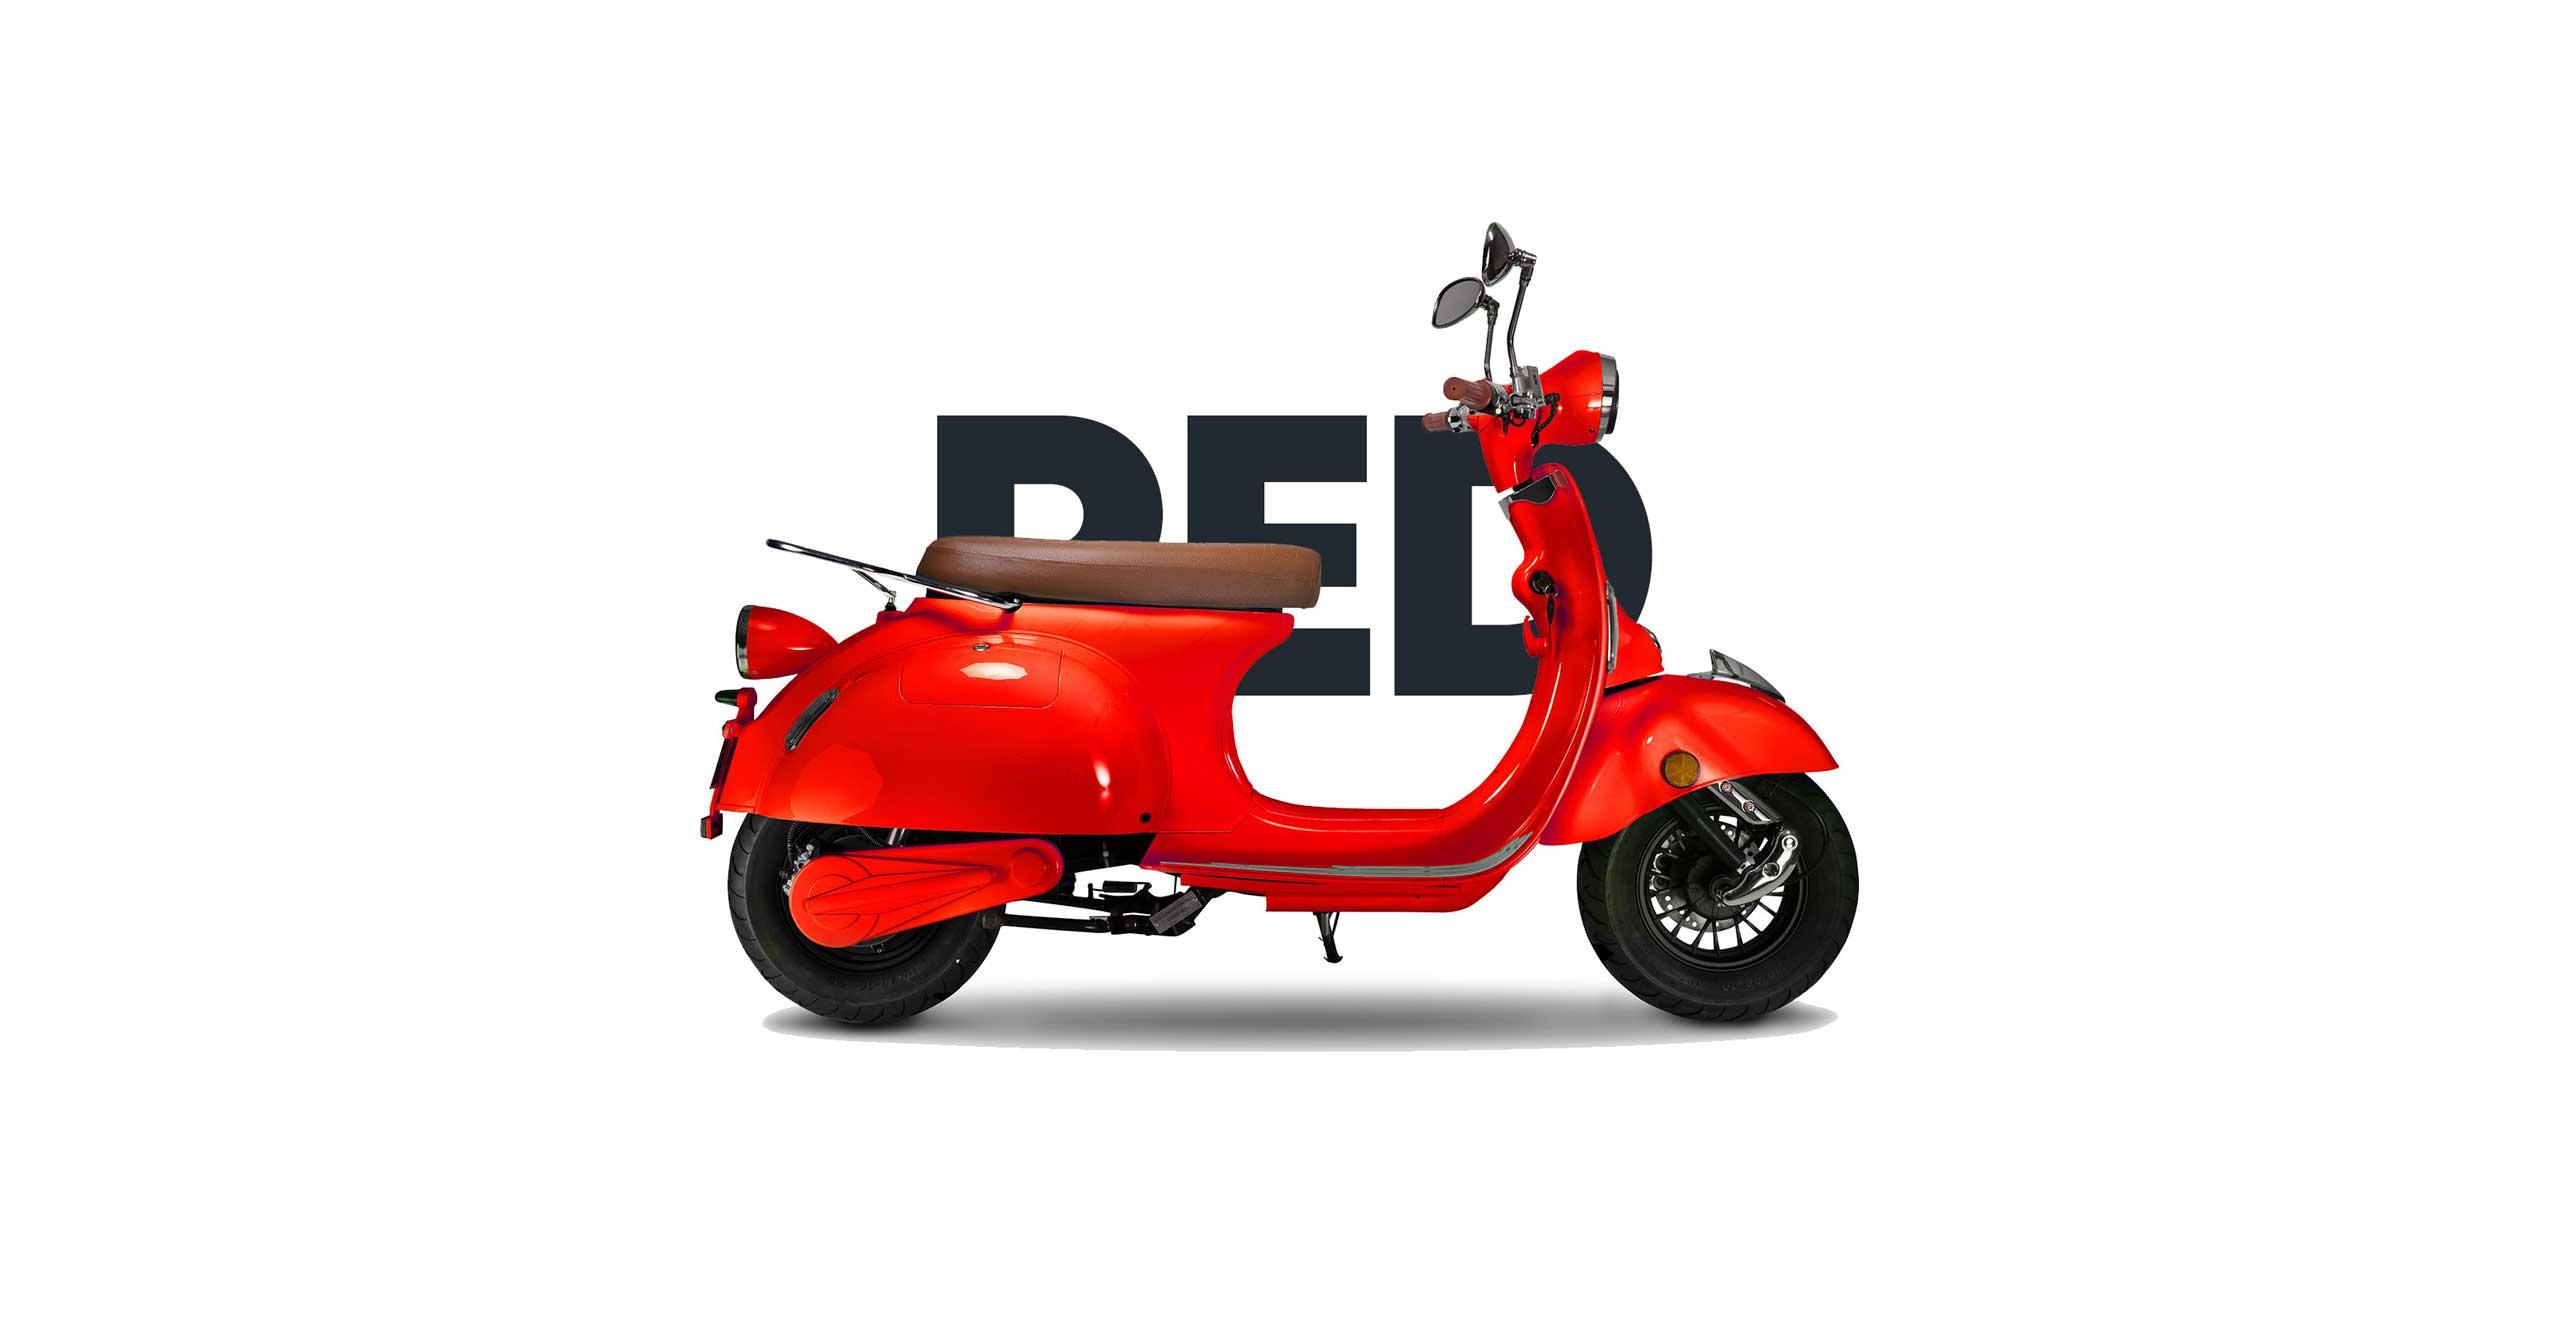 Tolle neue Farben – Dein KITO Roller jetzt auch in Rot und Schwarz glänzend